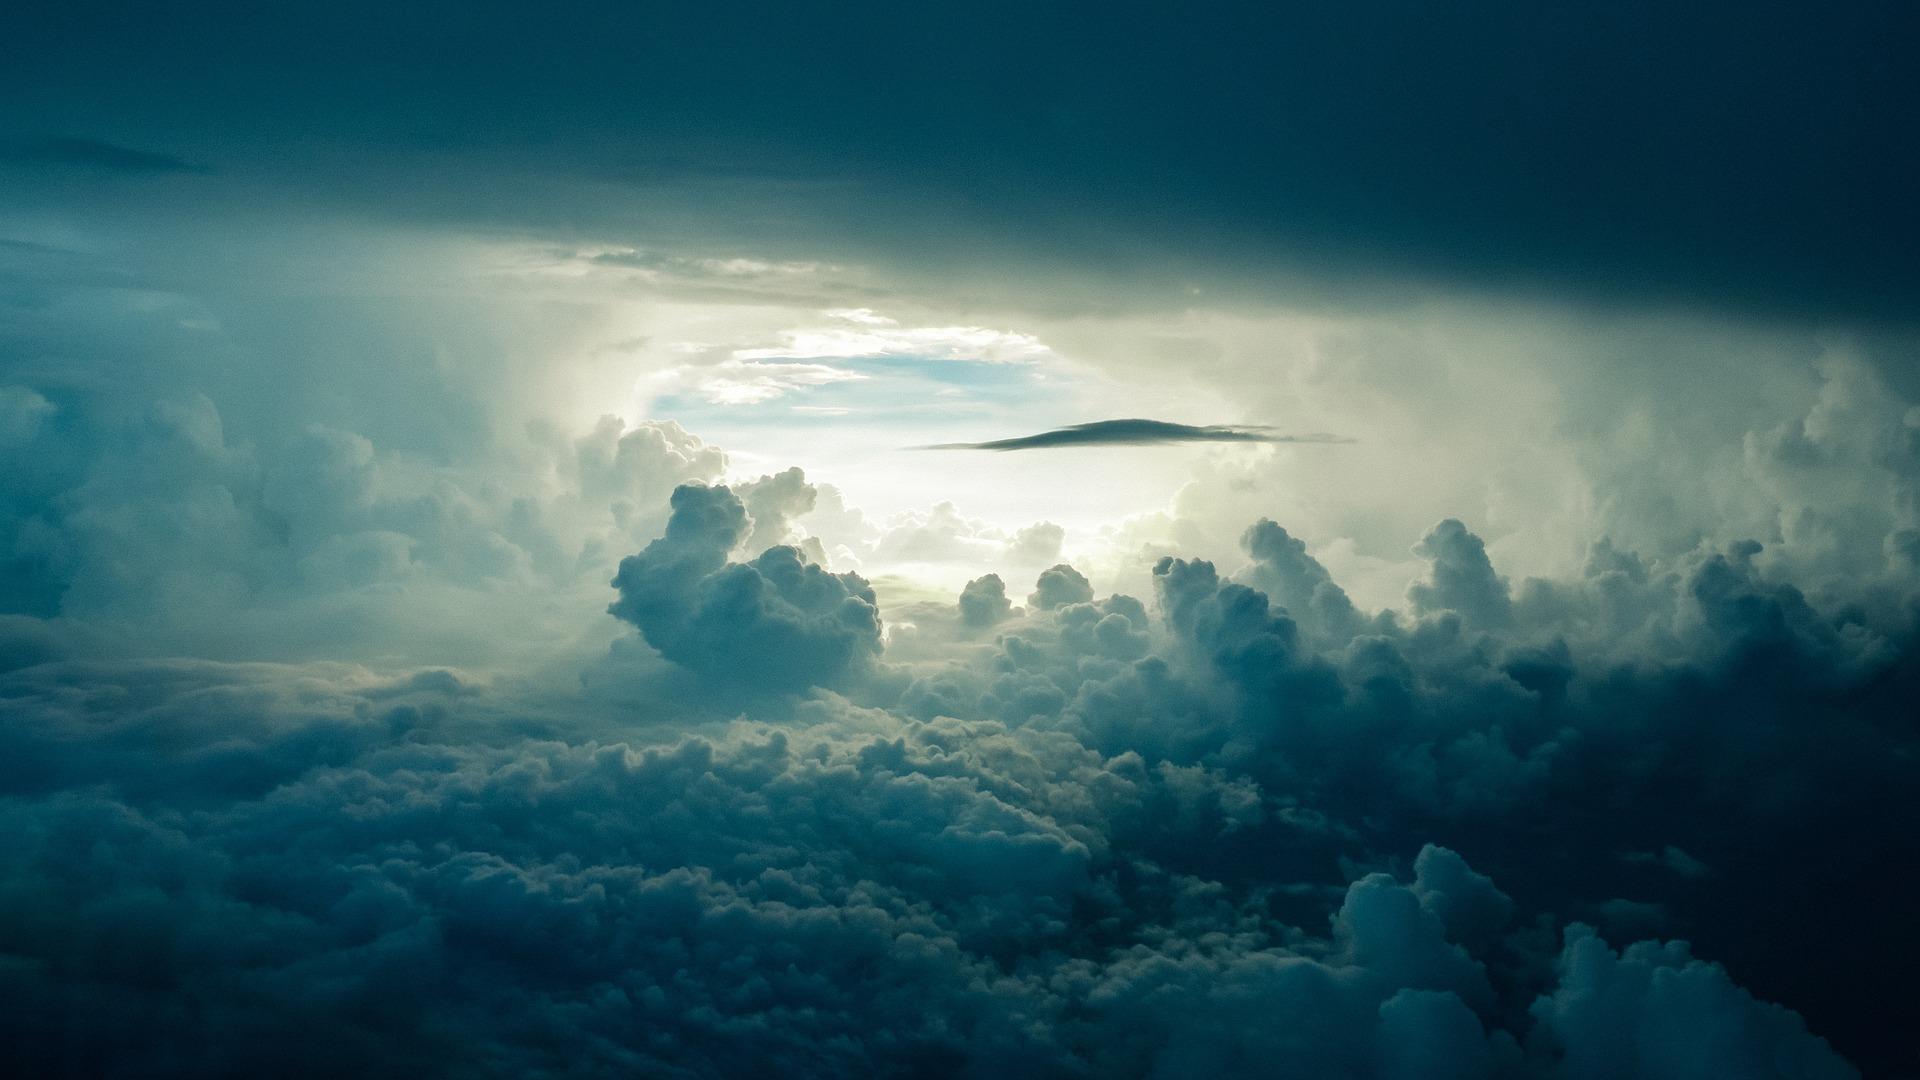 Entre las nubes. Al fondo, un cielo azul se vislumbra en un claro de esas nubes.